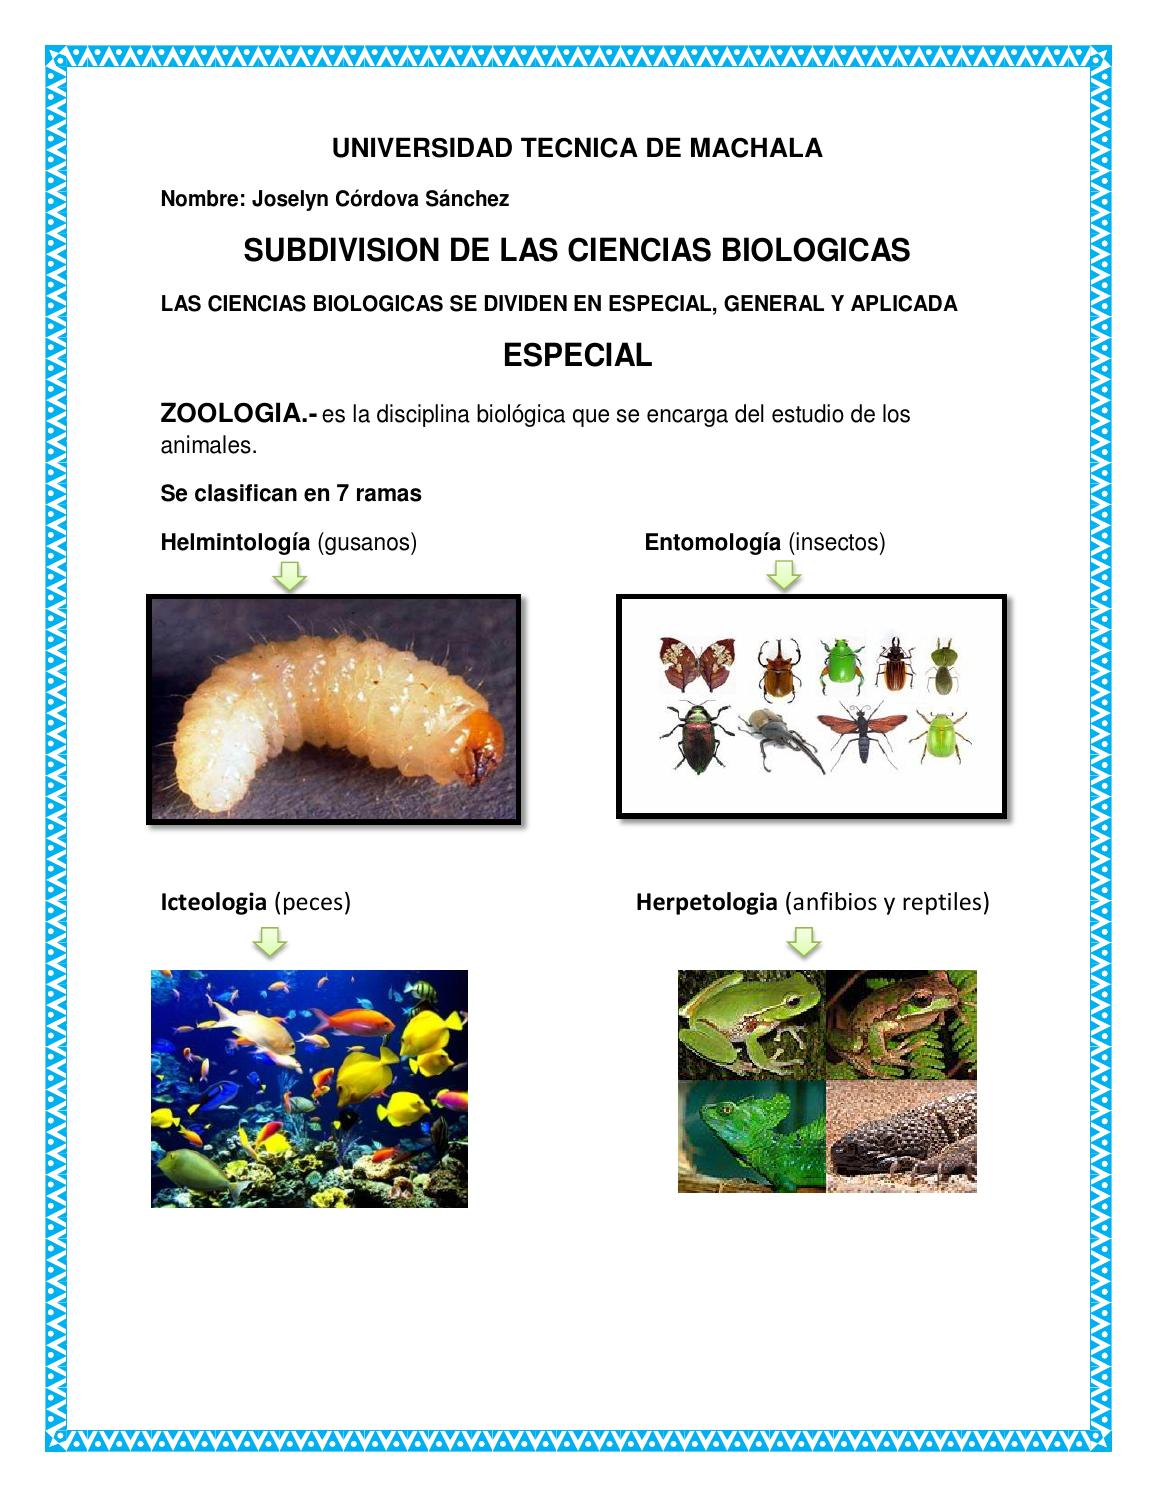 Subdivision de las ciencias biologicas by Jossi Cordova - issuu